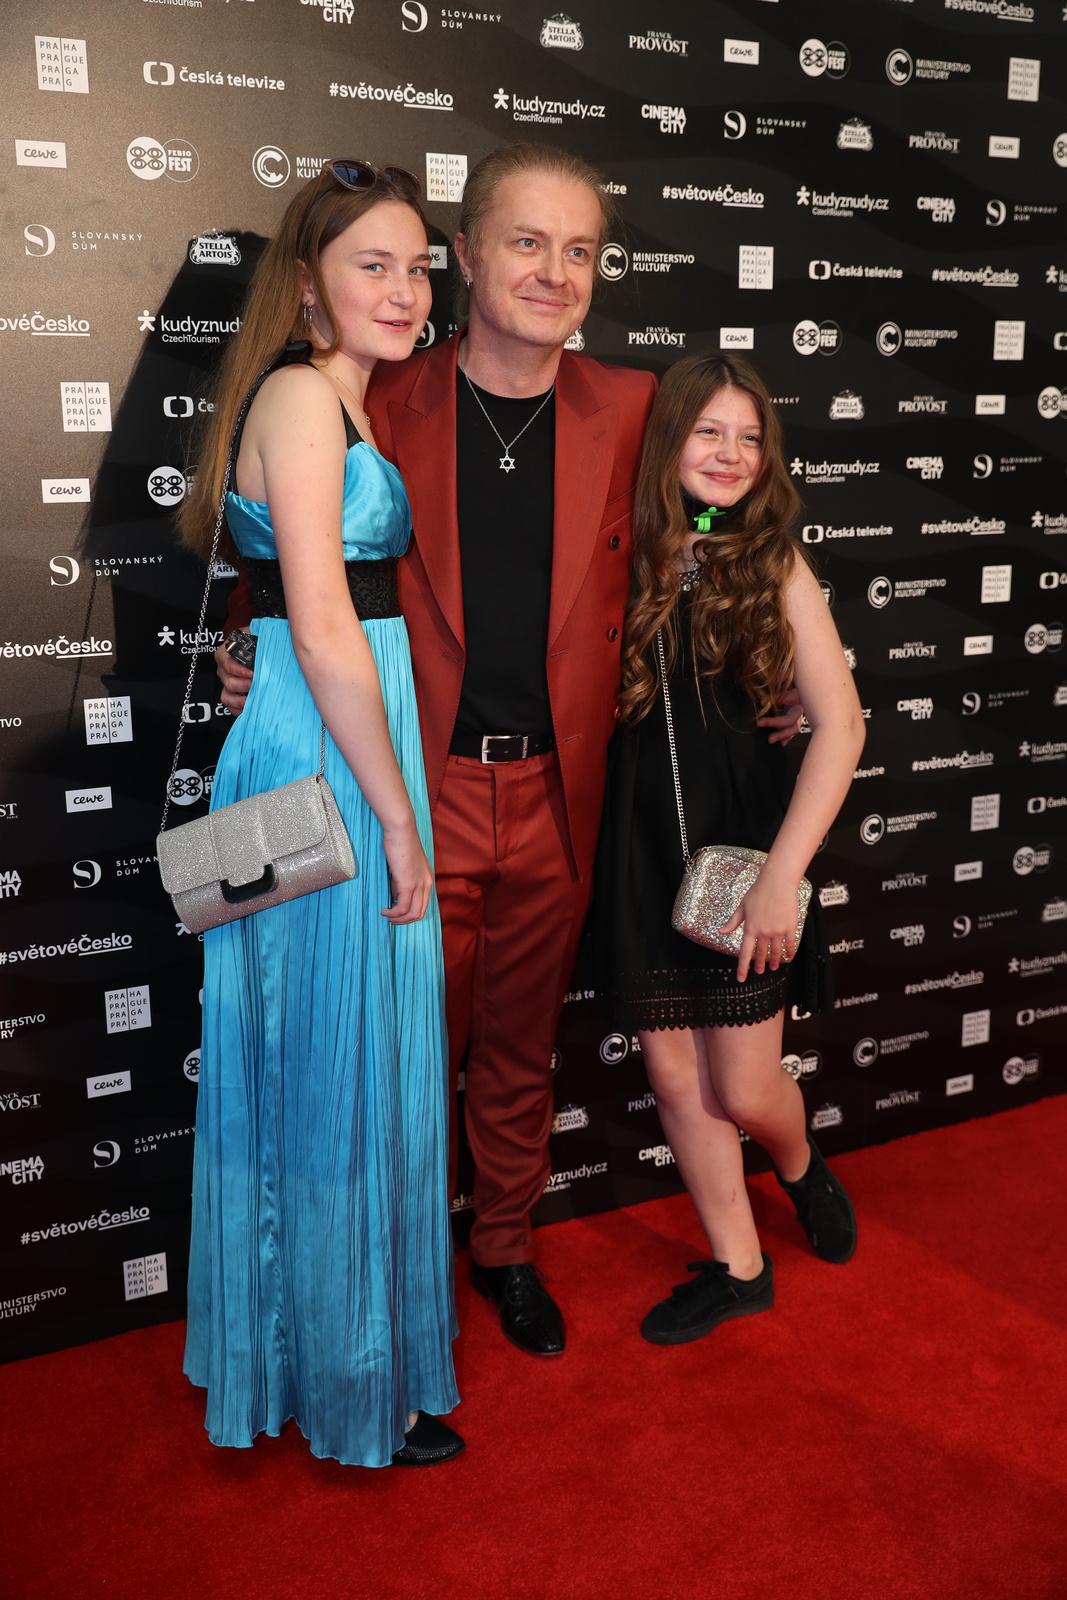 Předpremiéra filmu KAREL na Febiofest přilákala řadu vzácných hostů včetně Pavla Šporcla s dcerami.